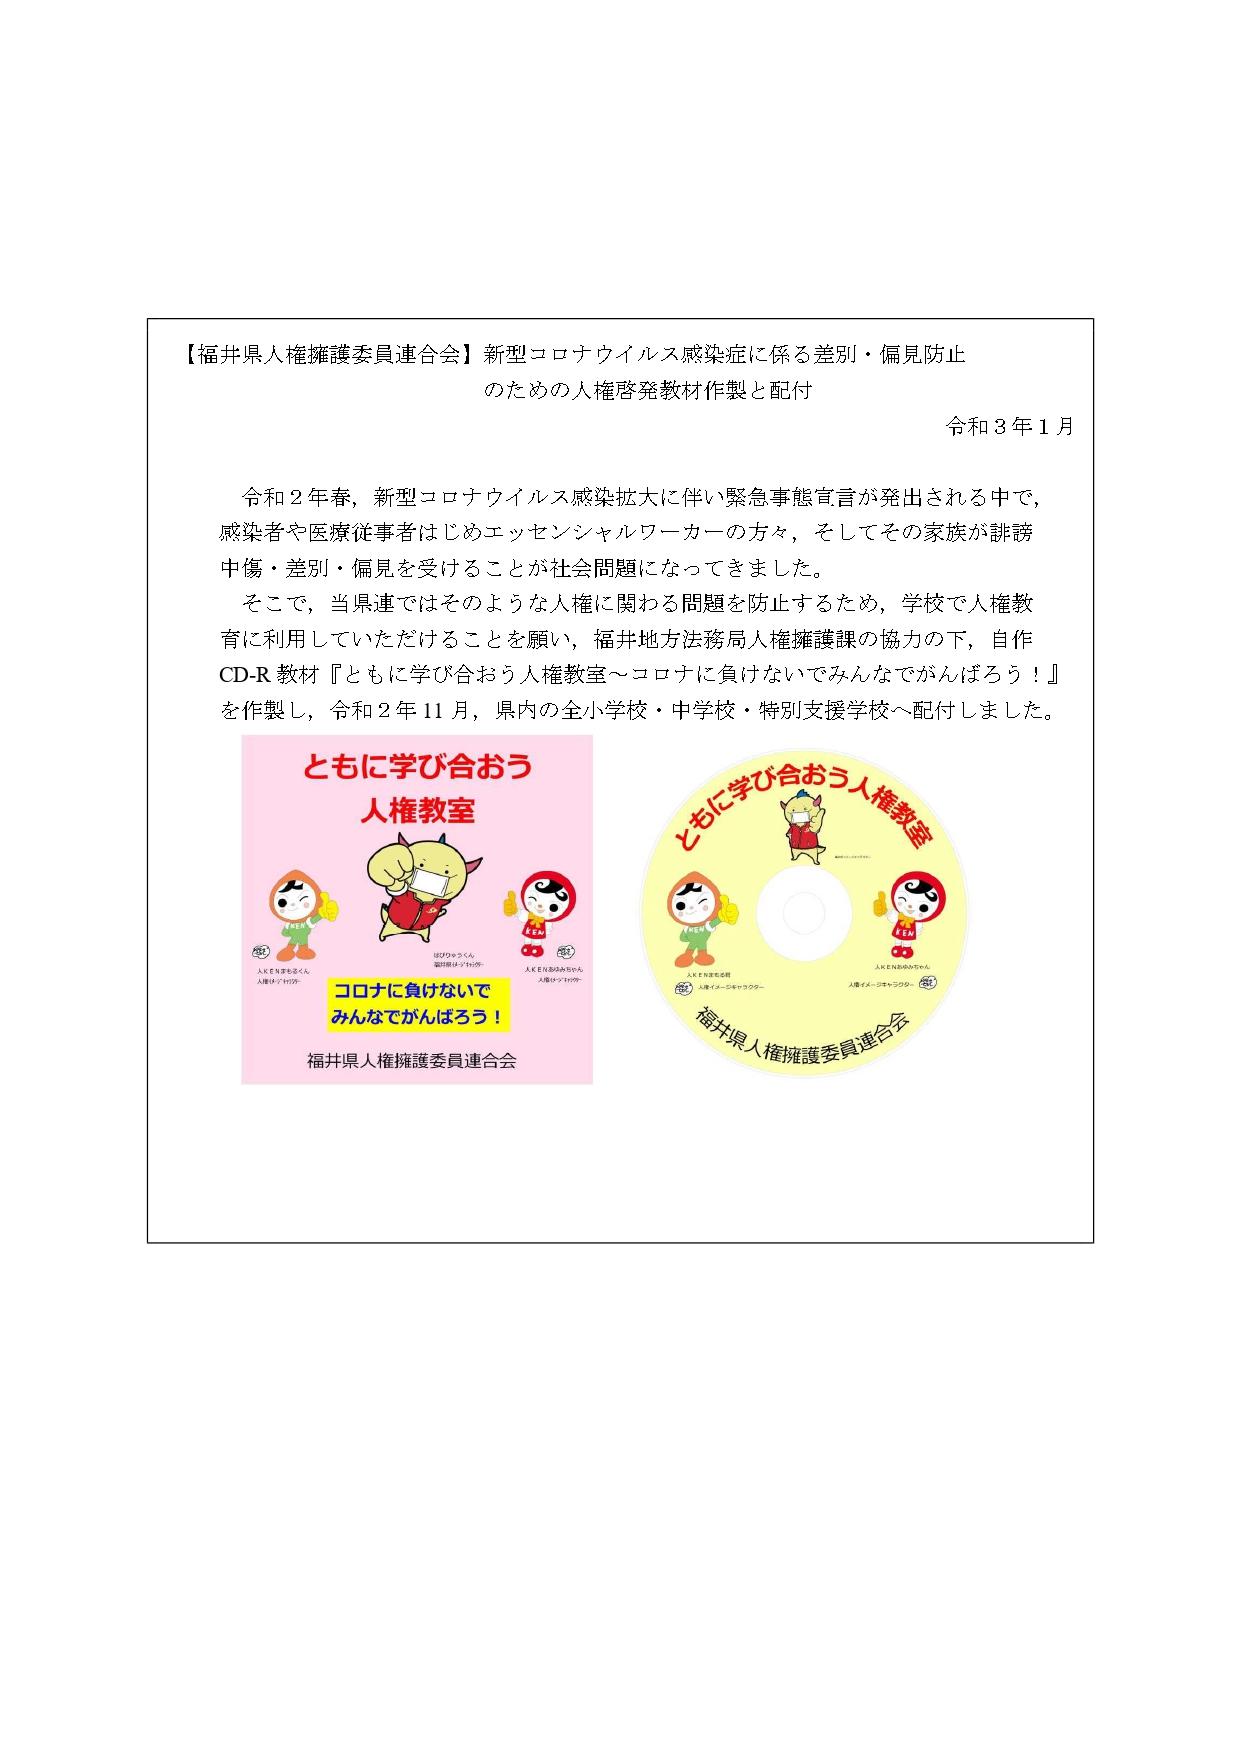 県 感染 ウイルス 福井 コロナ 新型コロナウイルス感染症のオープンデータを公開します